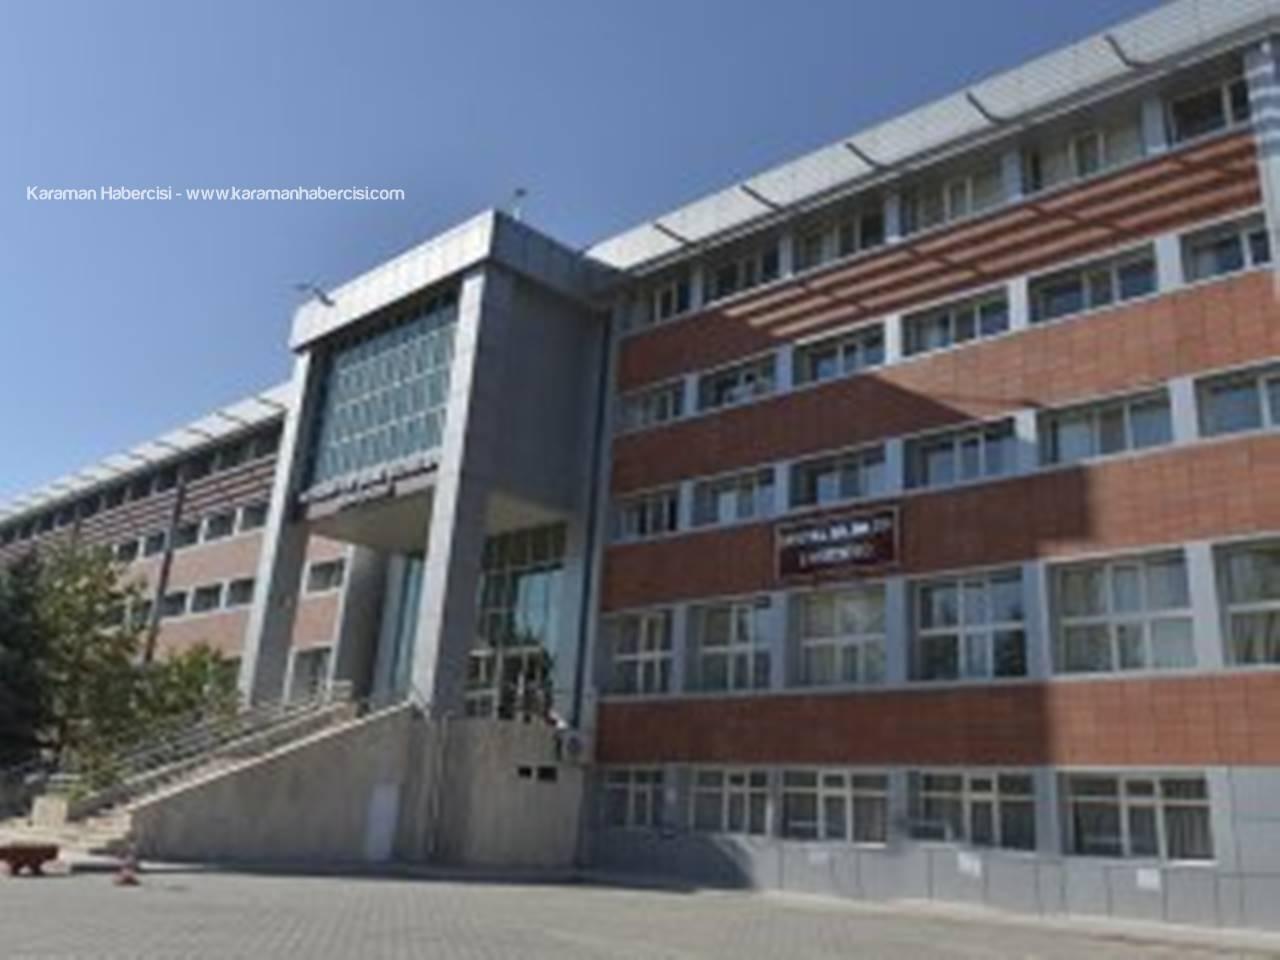 Açıköğretim Fakültesi Güz Dönemi Dersleri 15 Ekim'de Başlıyor